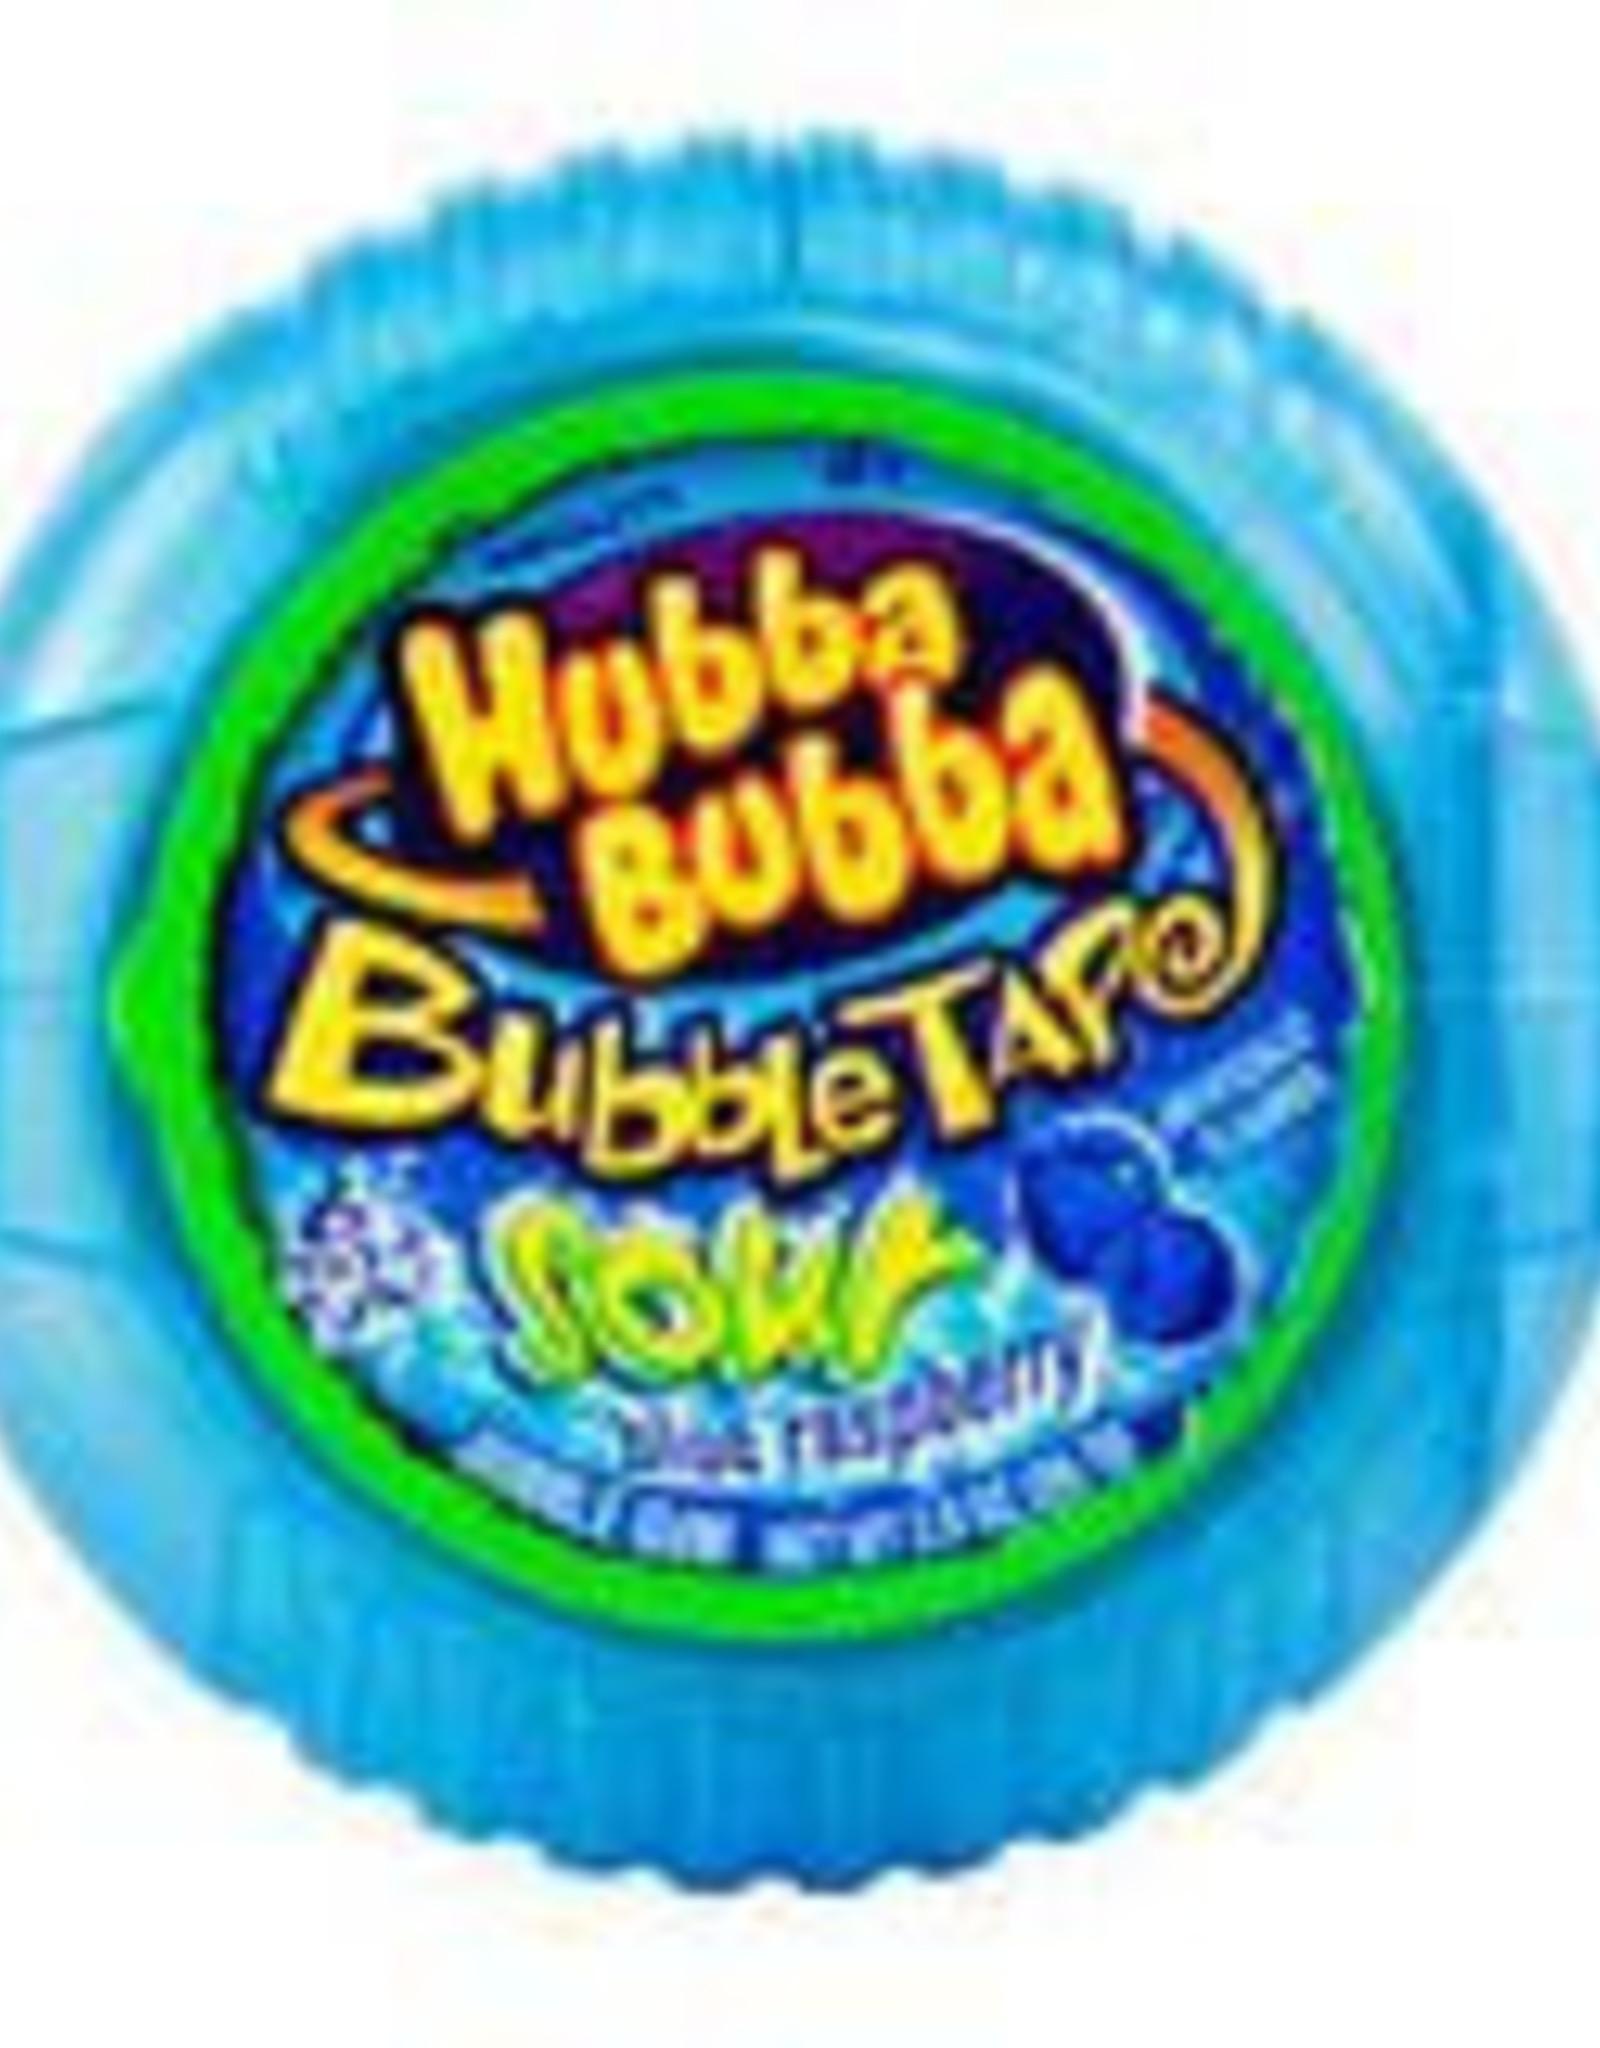 Hubba Bubba Bubble Tape - Sour Blue Raspberry